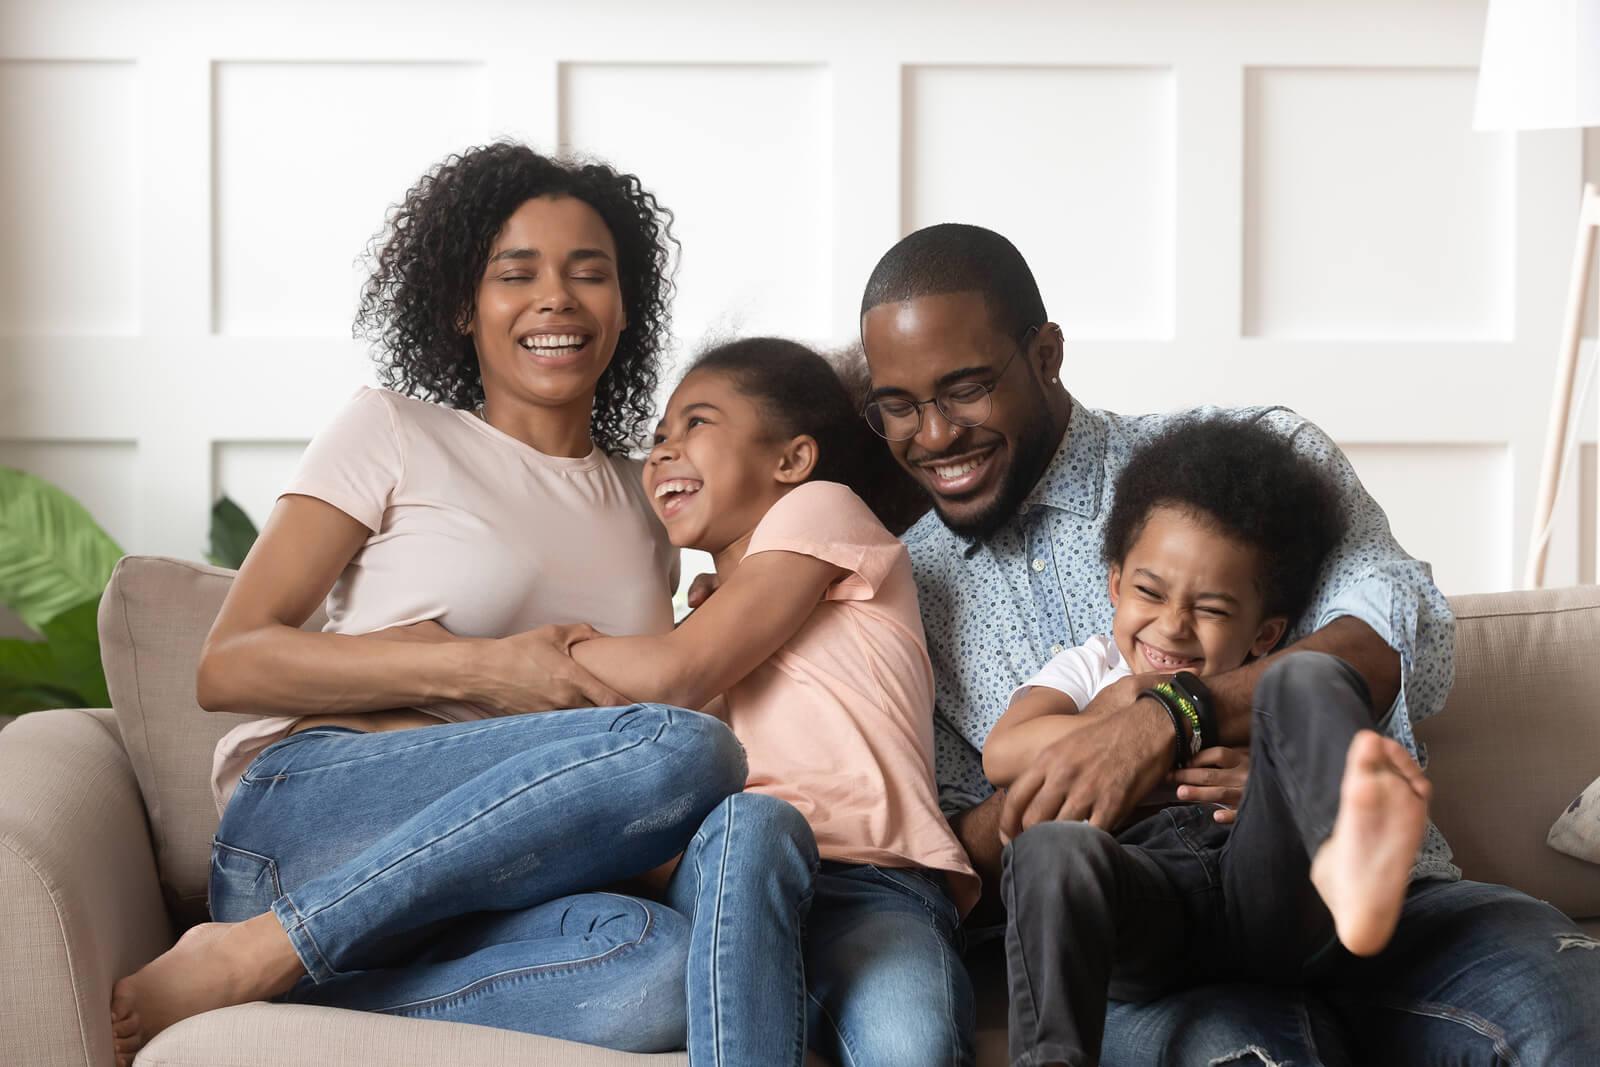 Padres ayudando a sus hijos a encontrar una oportunidad en cada crisis.